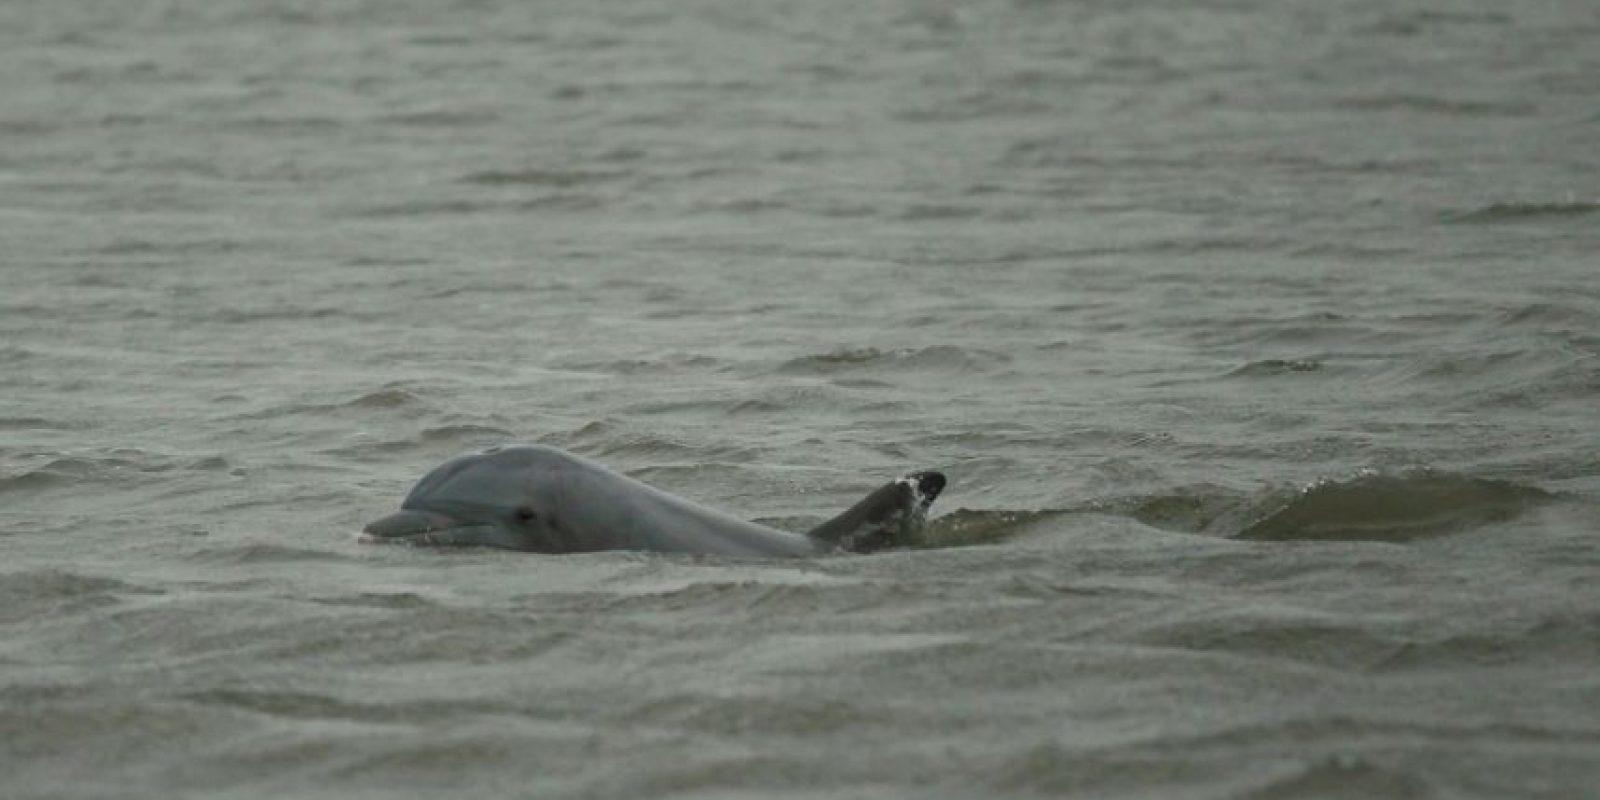 Aunque cuentan con un gran oído y una buena capacidad de visión, los delfines carecen totalmente del sentido del olfato Foto:Getty Images